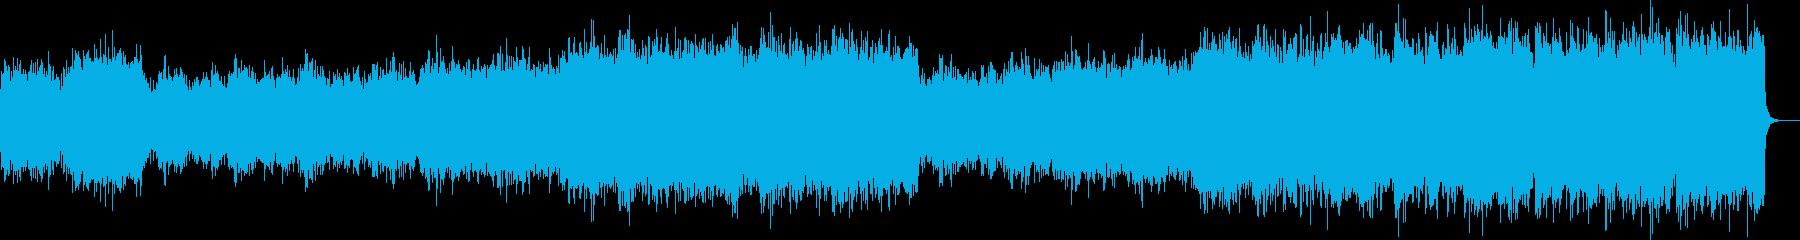 クラシック風のBGMですの再生済みの波形